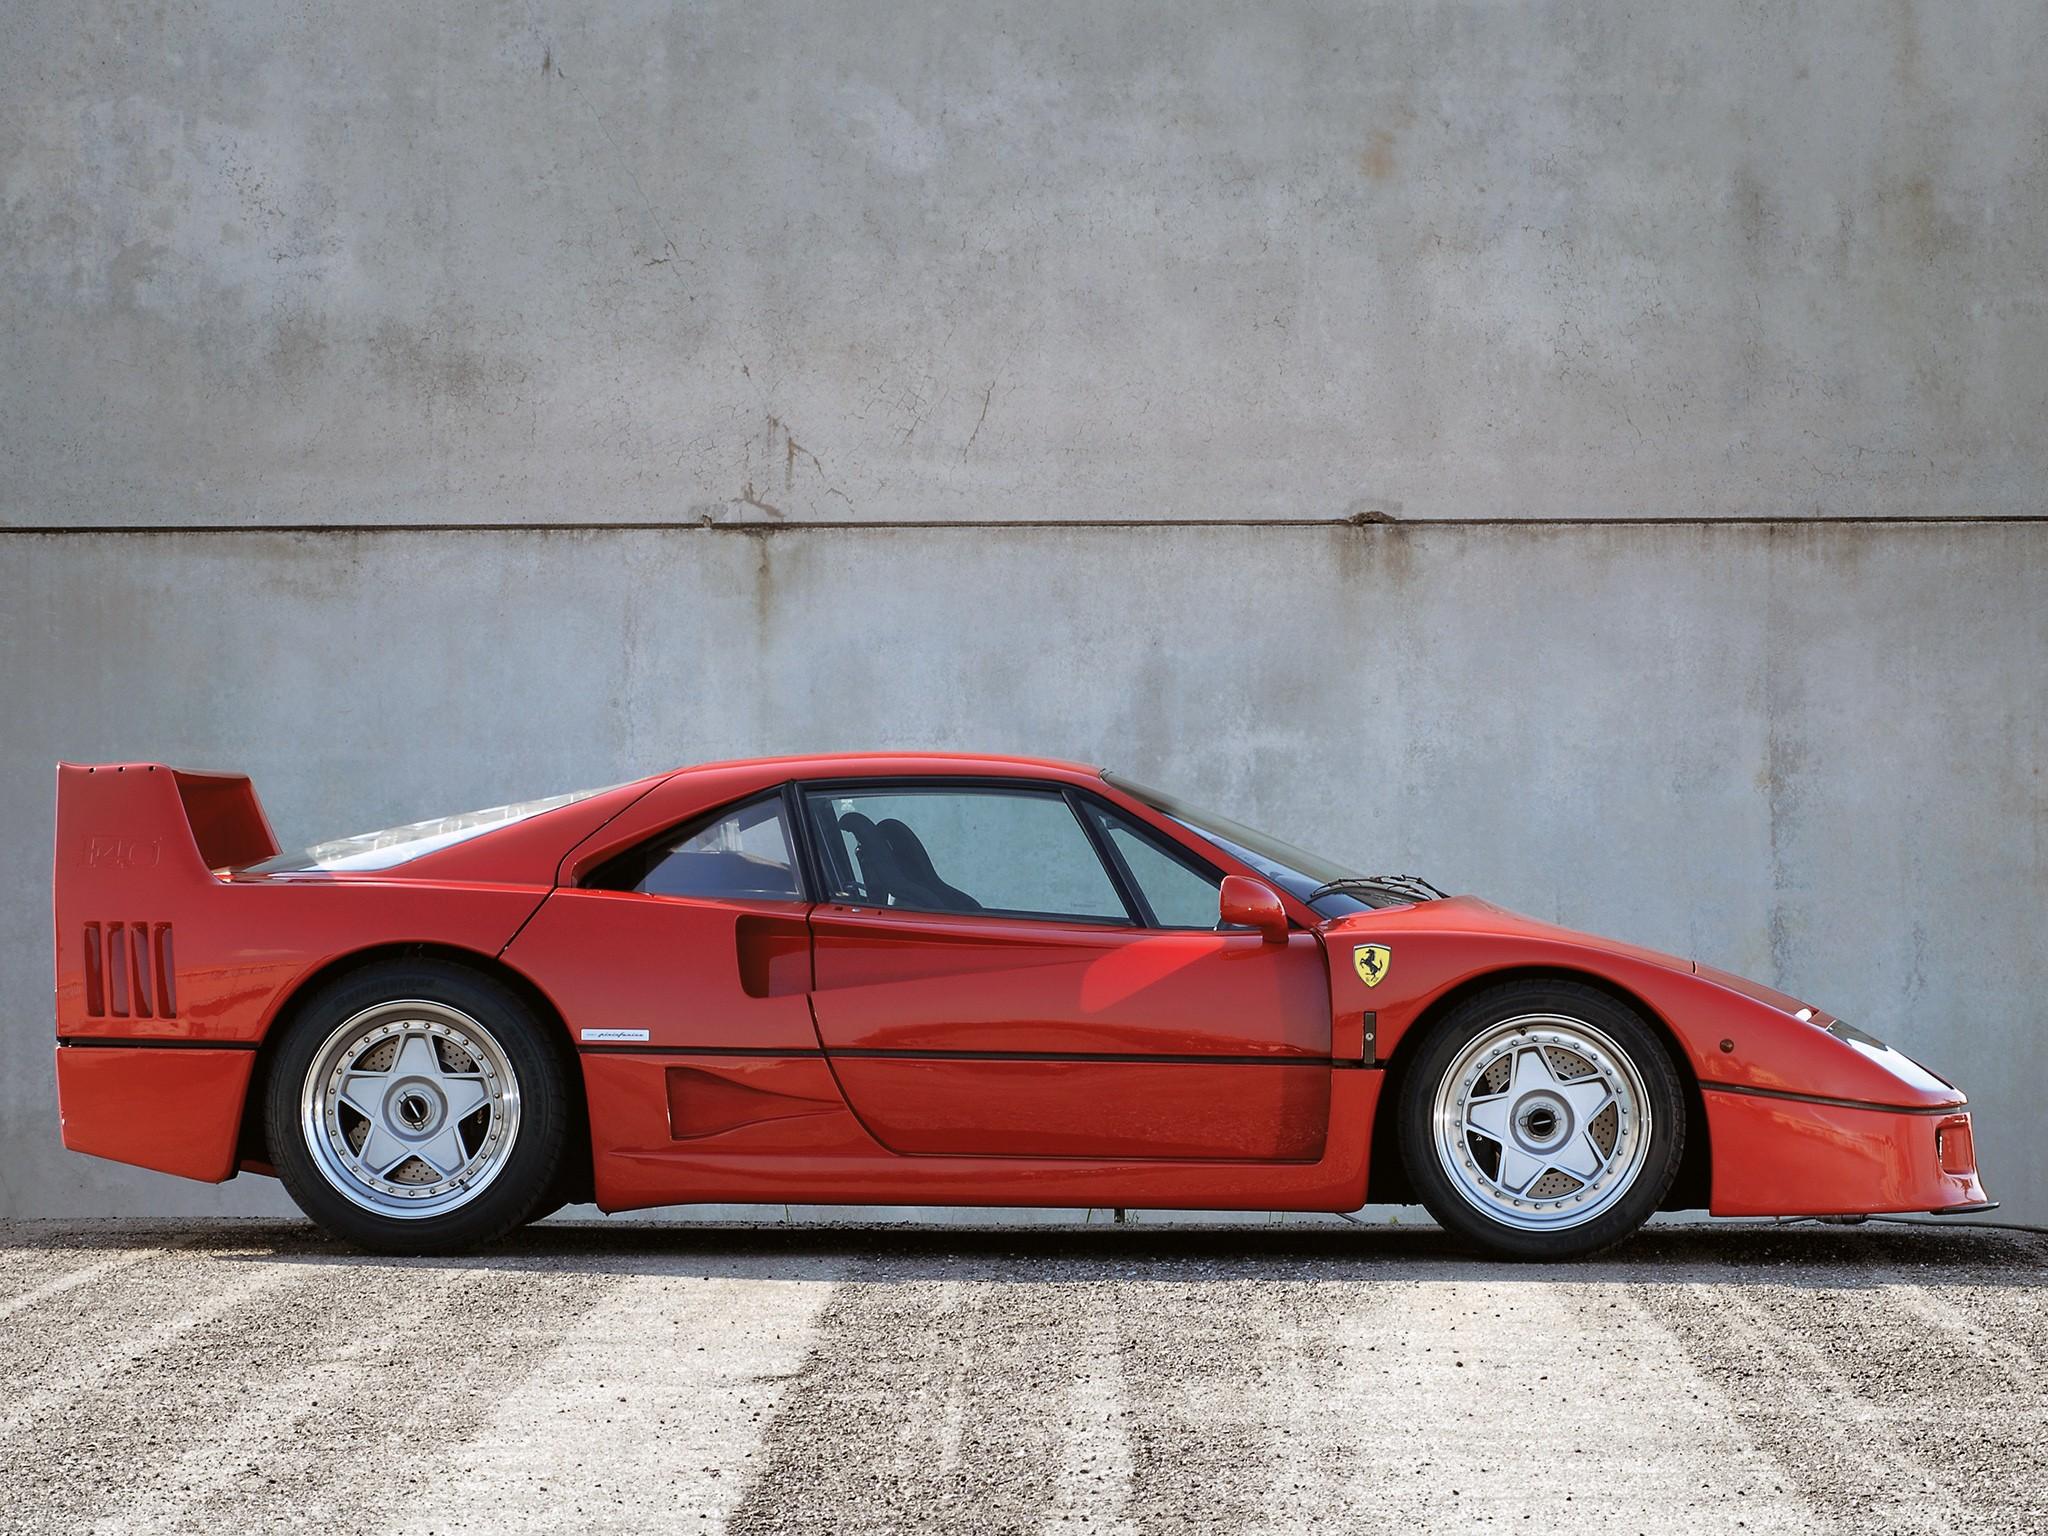 Ferrari f40 specs 1987 1988 1989 1990 1991 1992 autoevolution ferrari f40 1987 1992 vanachro Choice Image